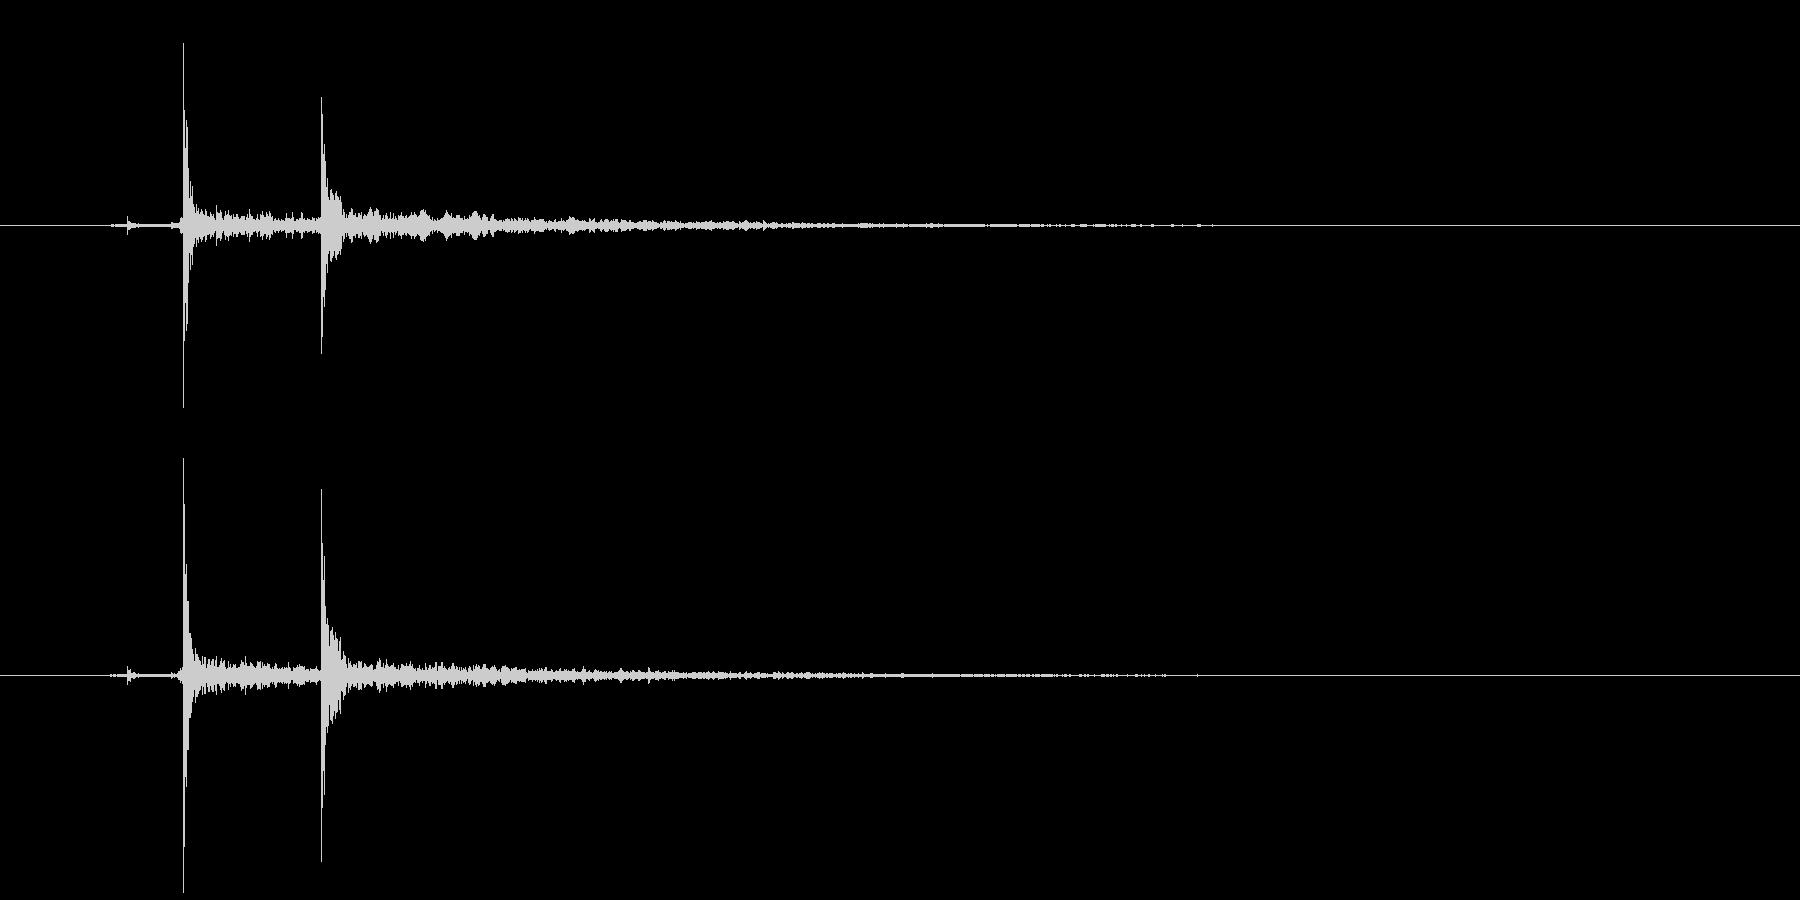 ピチョン(水滴、エフェクト有り)の未再生の波形